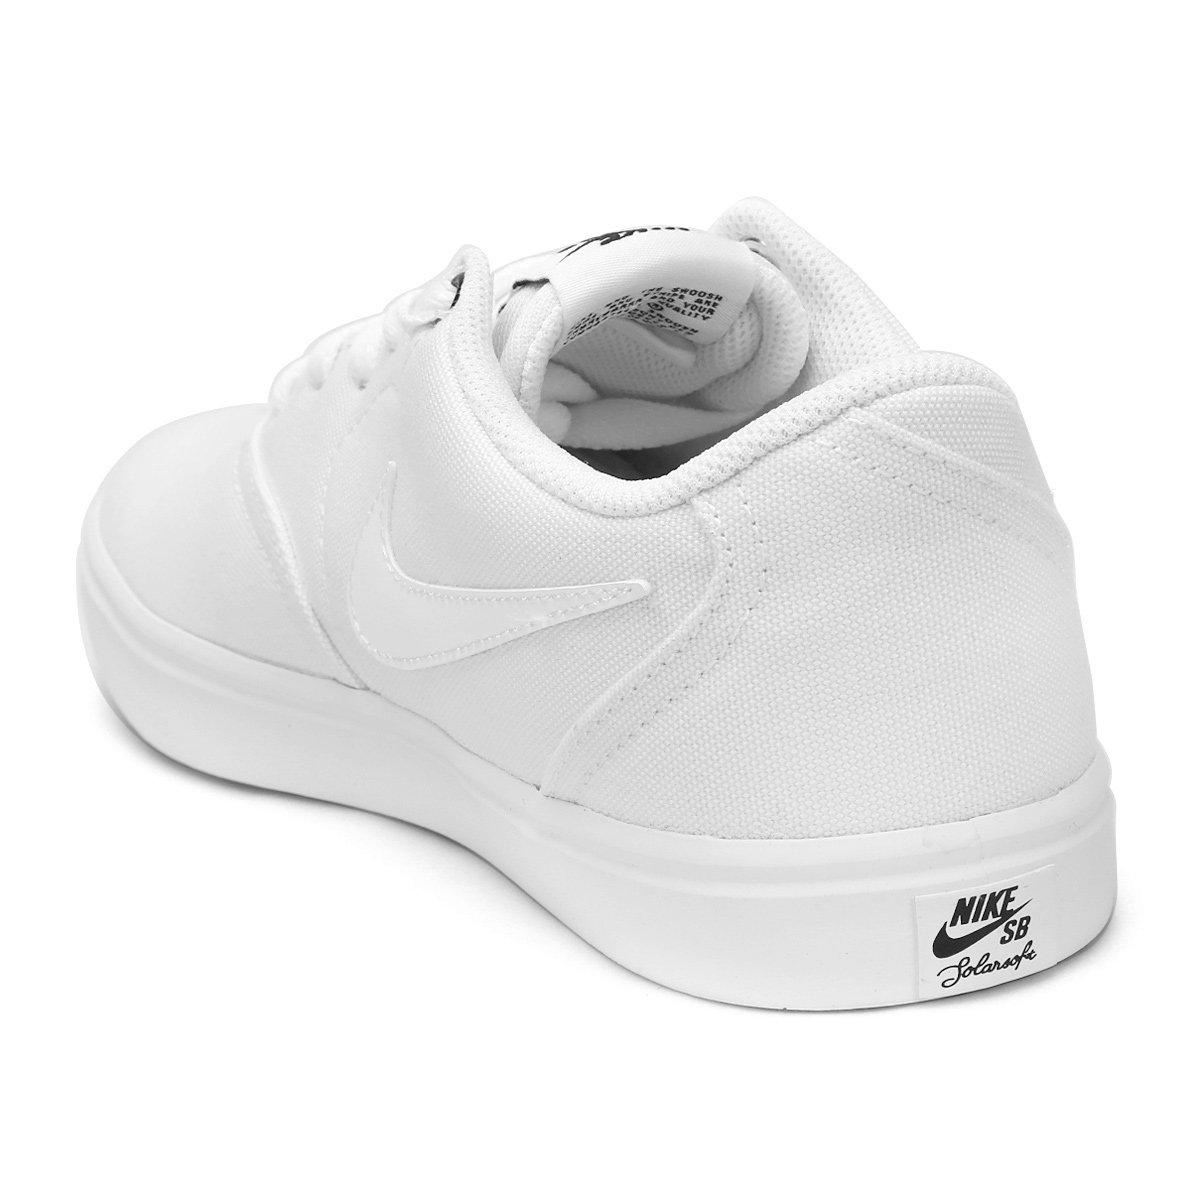 Tênis Nike Wmns Sb Check Solar Cnvs Feminino - Compre Agora  4c6d5bf685226